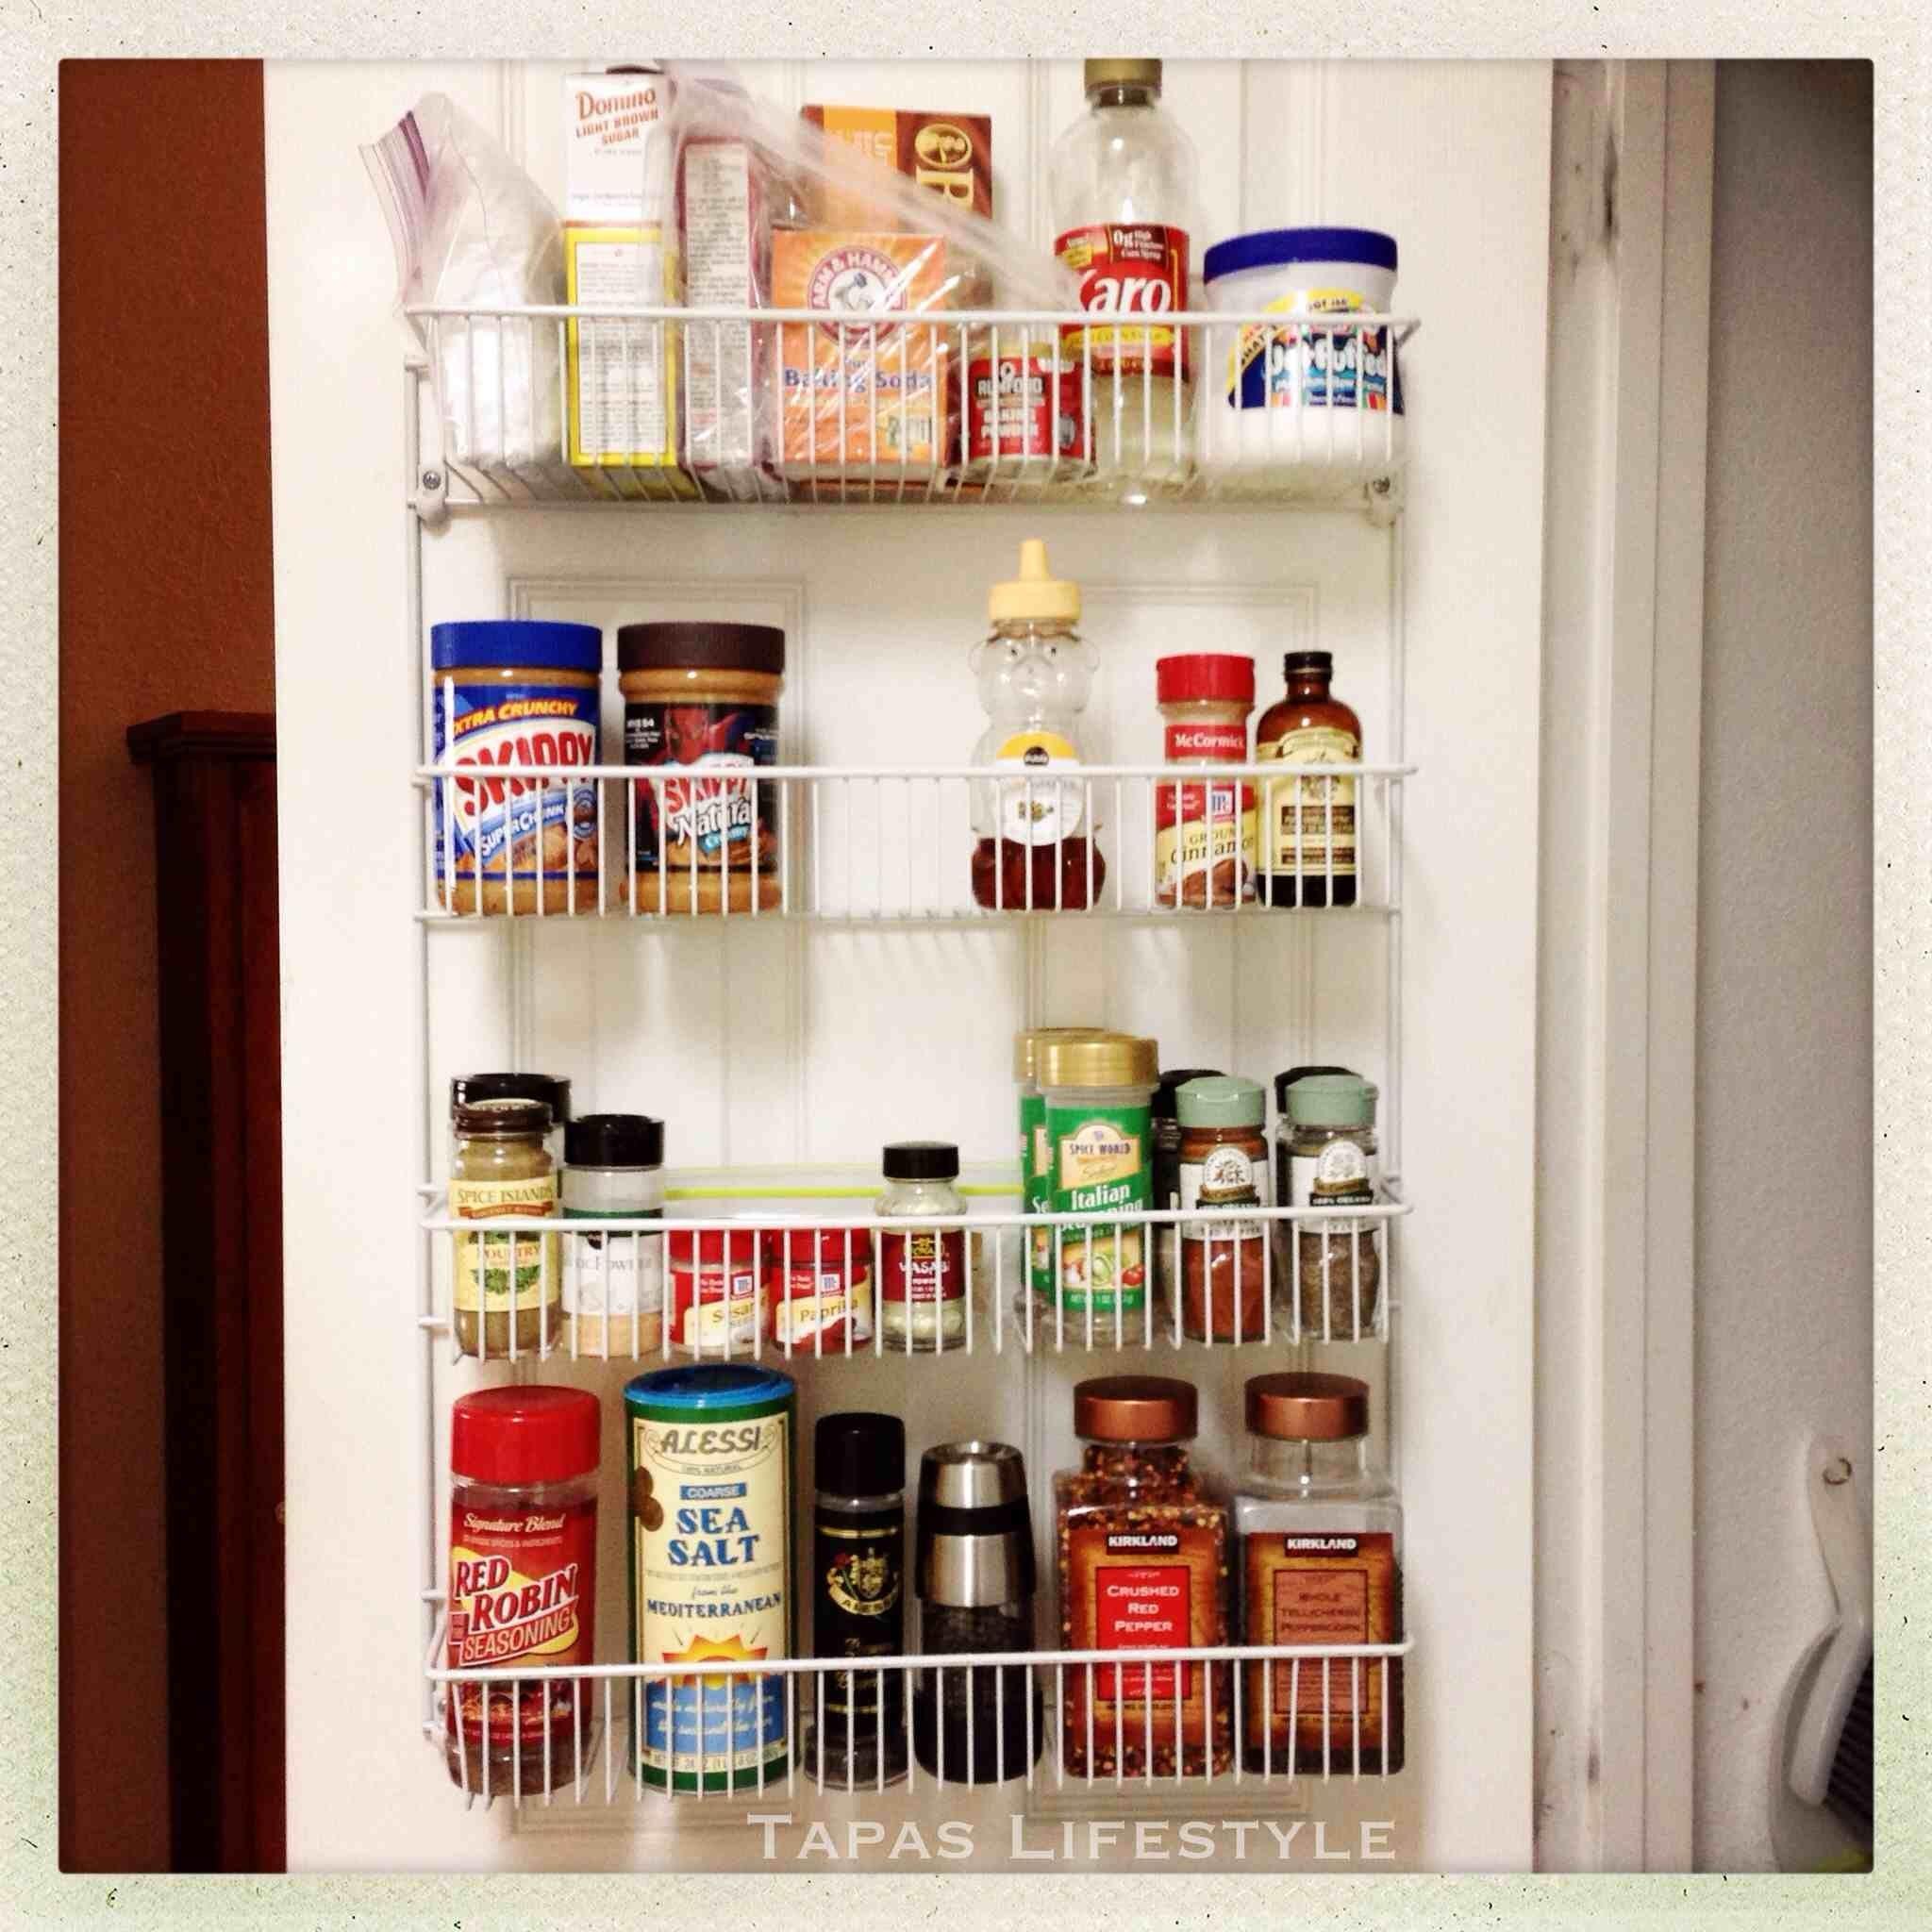 küchen schrank organizer | mdesign 3 teiliger schrank organizer